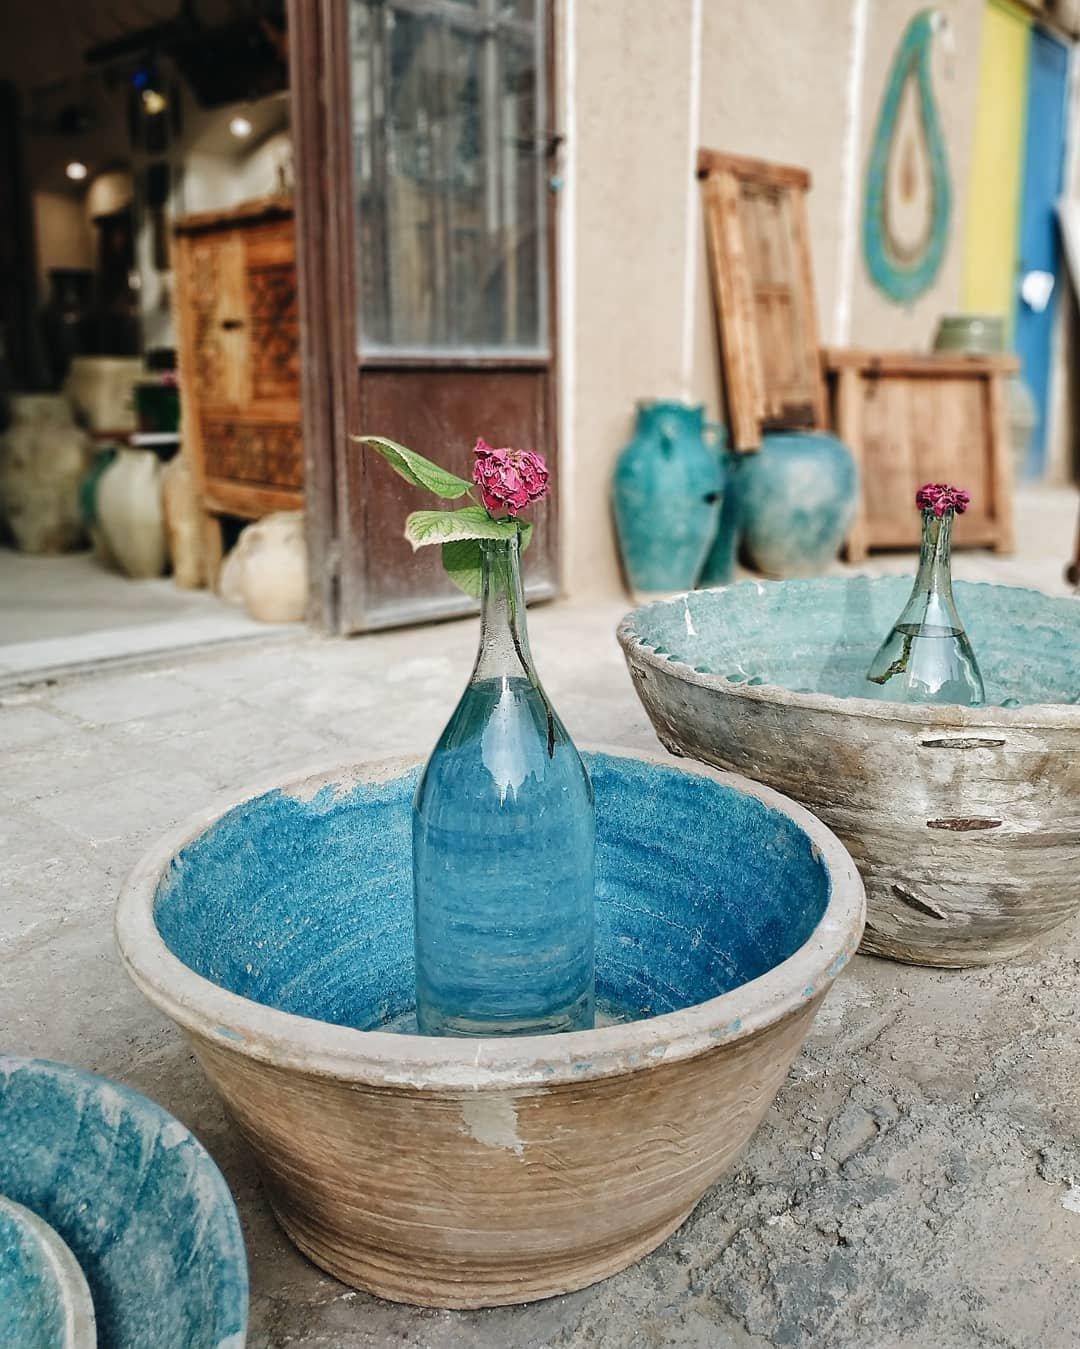 Город роз, персидские дворцы и Медина. Как харьковчанка провела две недели в Иране и Марокко, - ФОТО, фото-6